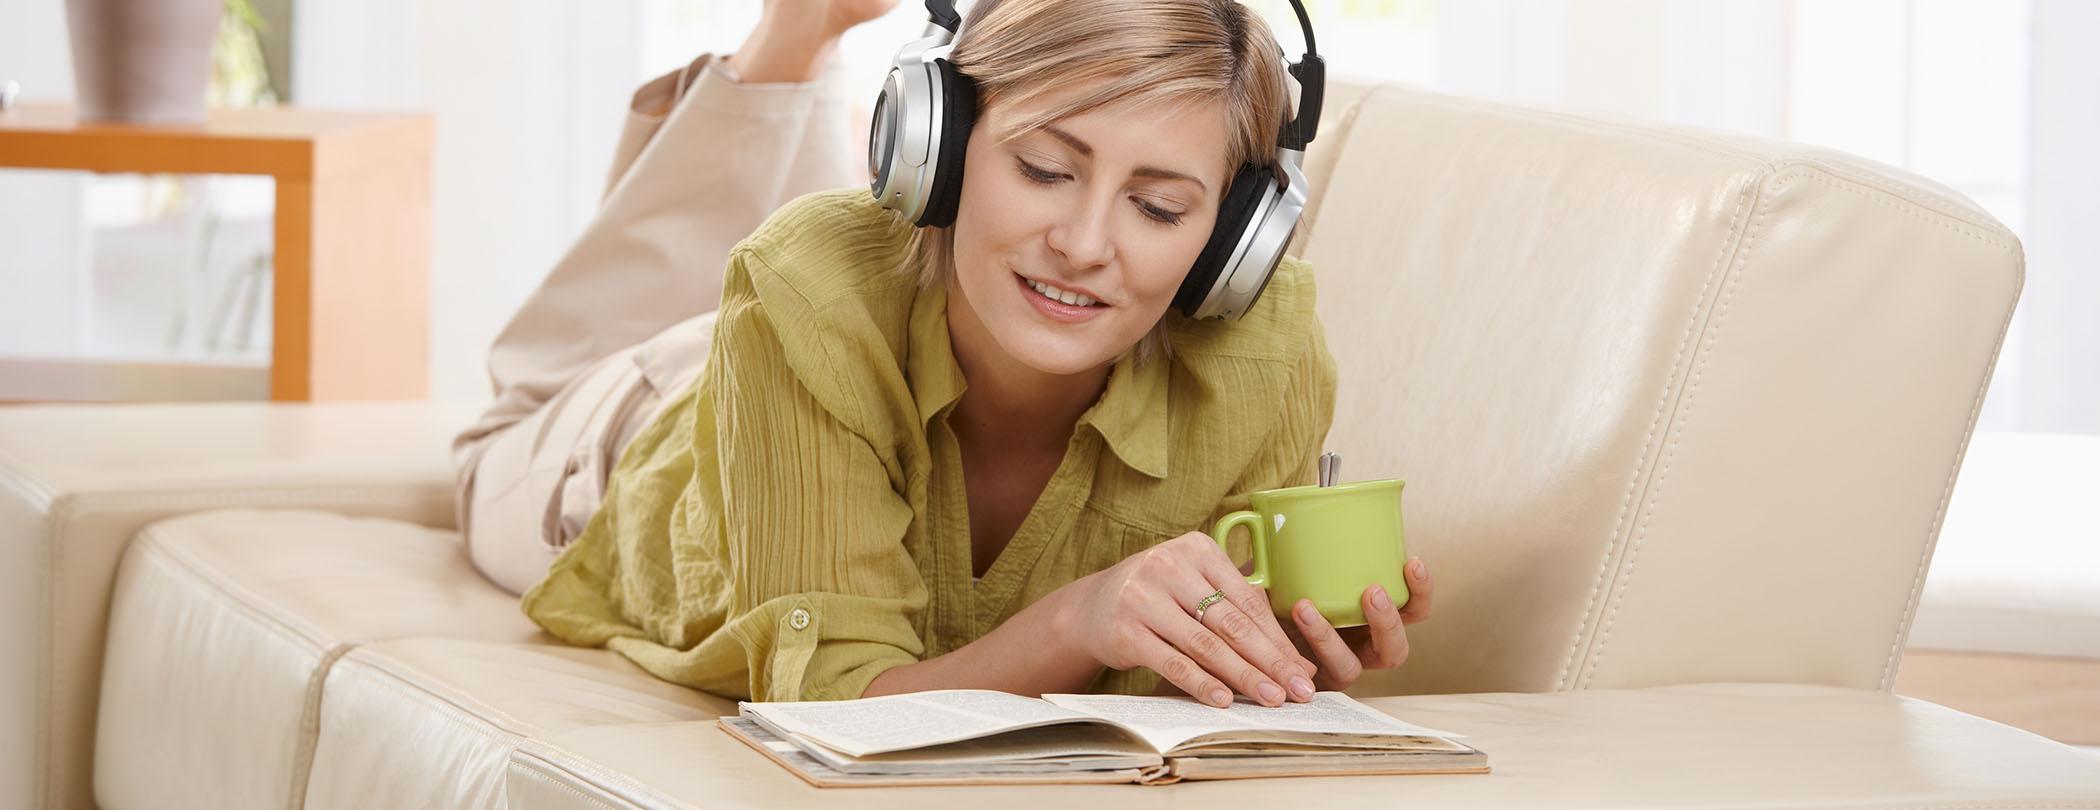 Müzik dinlemeden asla diyen, kitap okurken kendini bir film sahnesinin ortasında hisseden, kitap okuma kritikleri yapmaktan keyif alan tüm KScanlar bu konu etiketinde buluşuyor! Sen de kitap türleri, yazarlar, müzikler ve konserlerle ilgili aklına takılan her şeyi paylaşabilirsin.